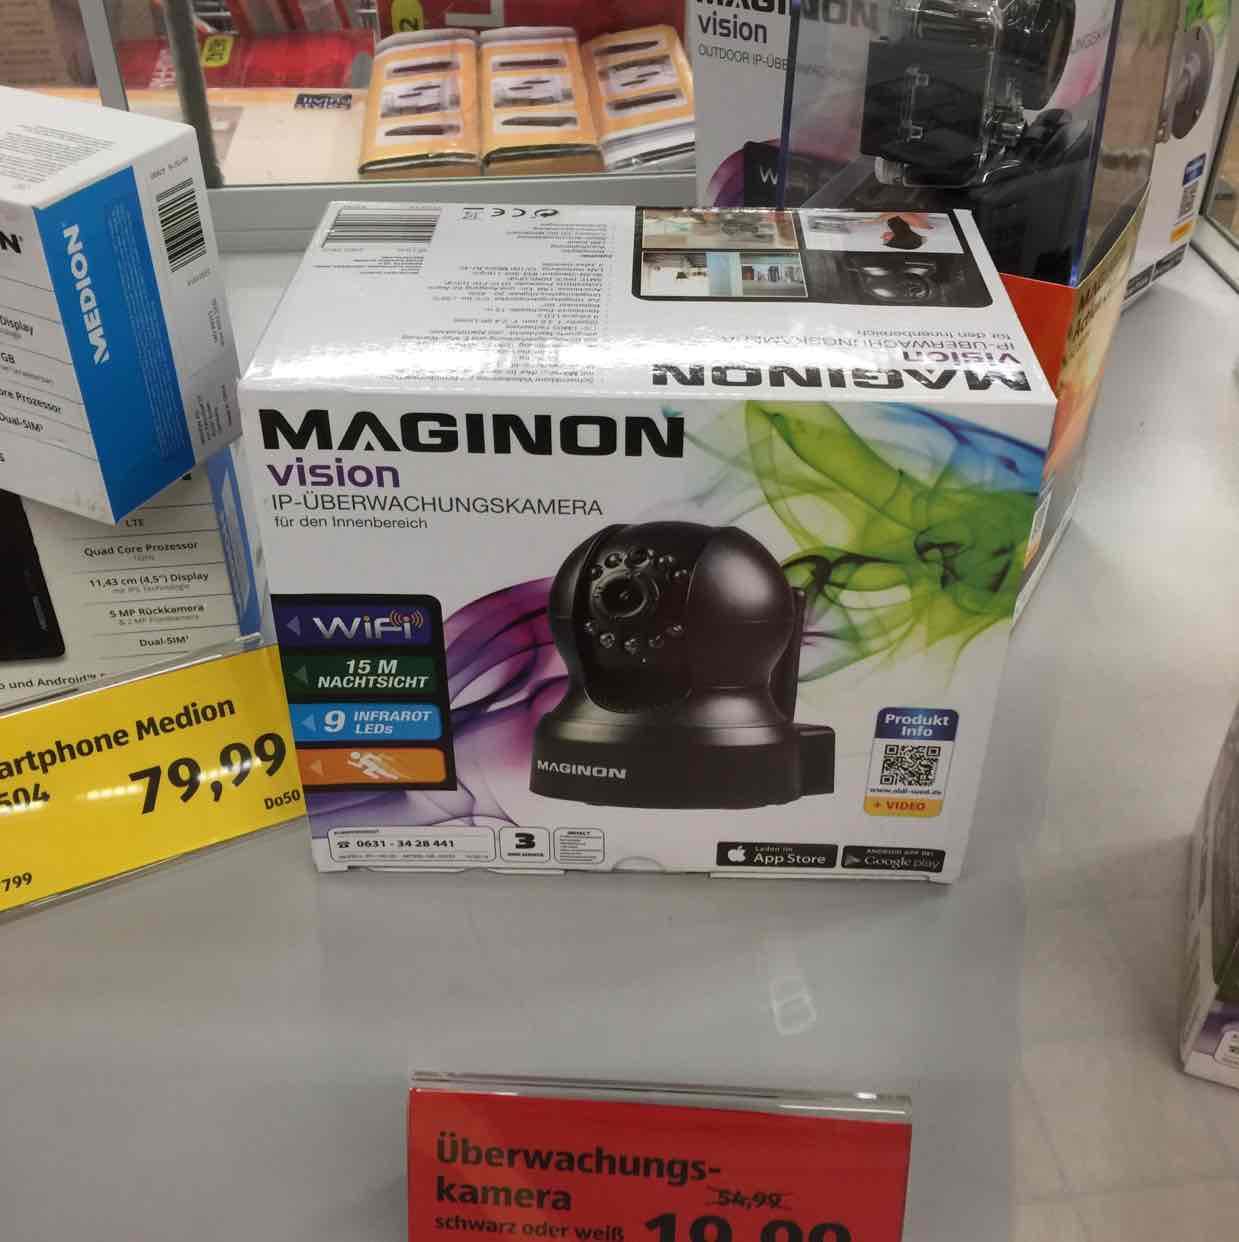 Maginon IP Überwachungskamera für den Innenbereich Aldi Süd Ravensburg